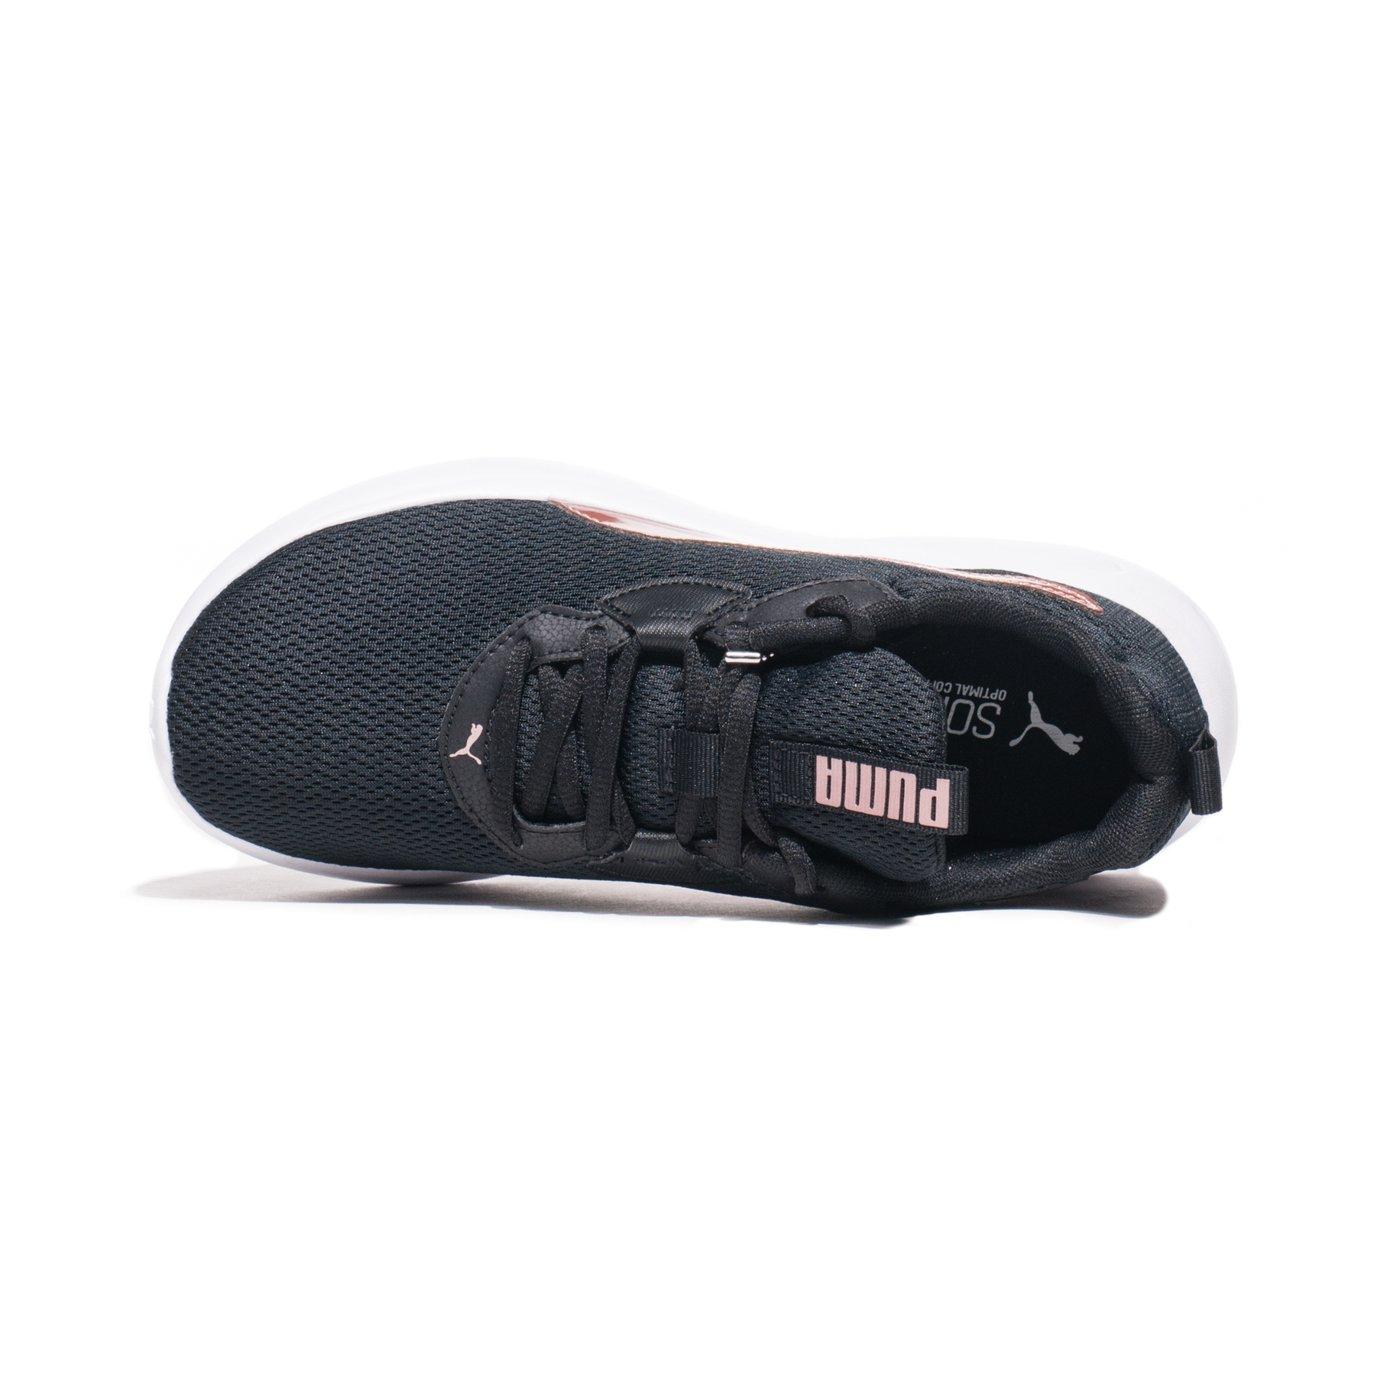 Жіночі кросівки Puma RESOLVE METALLIC